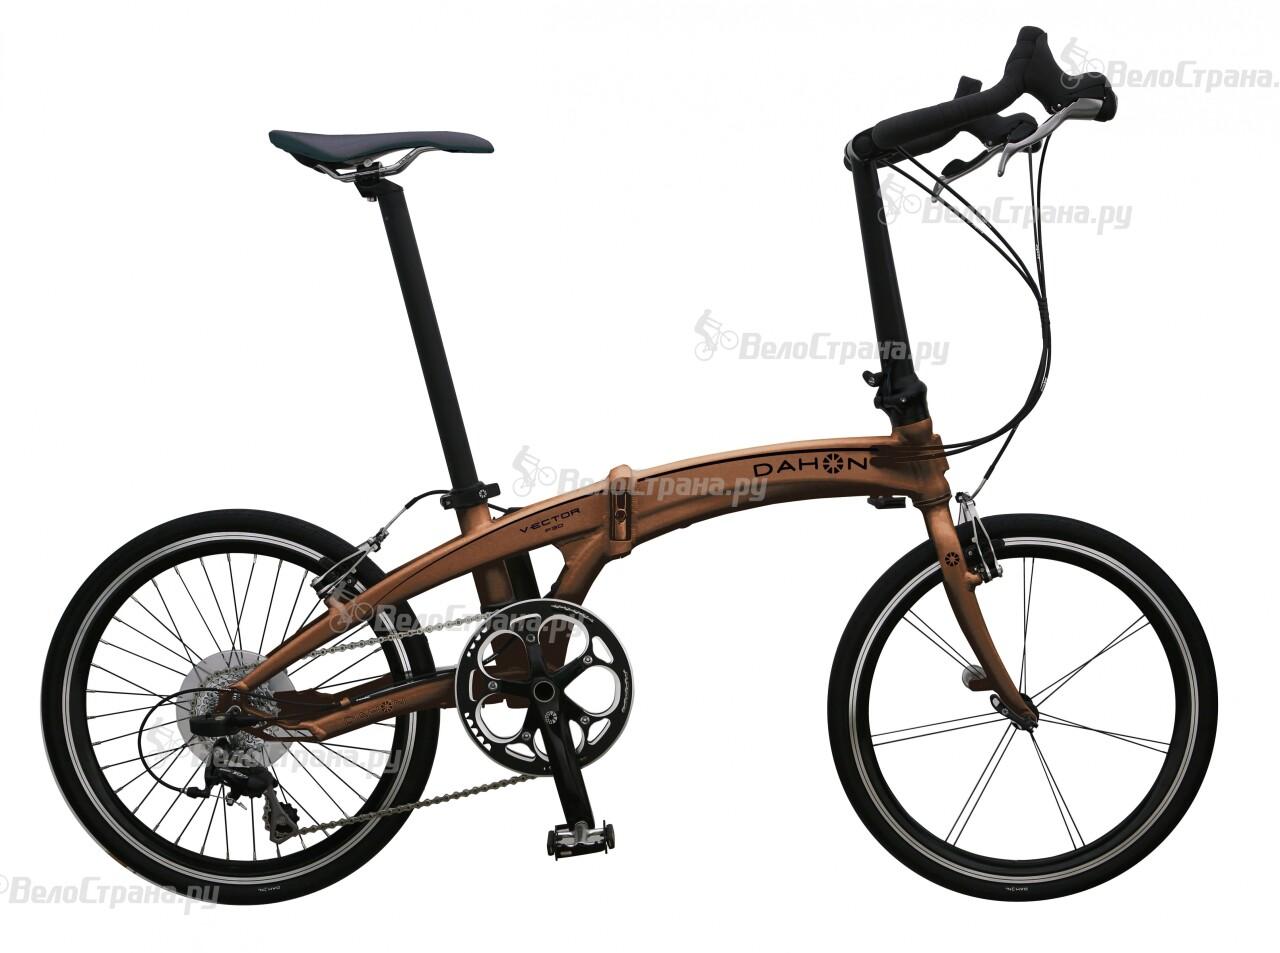 Велосипед Dahon Vector DD30 (2015) велосипед dahon mariner d7 2015